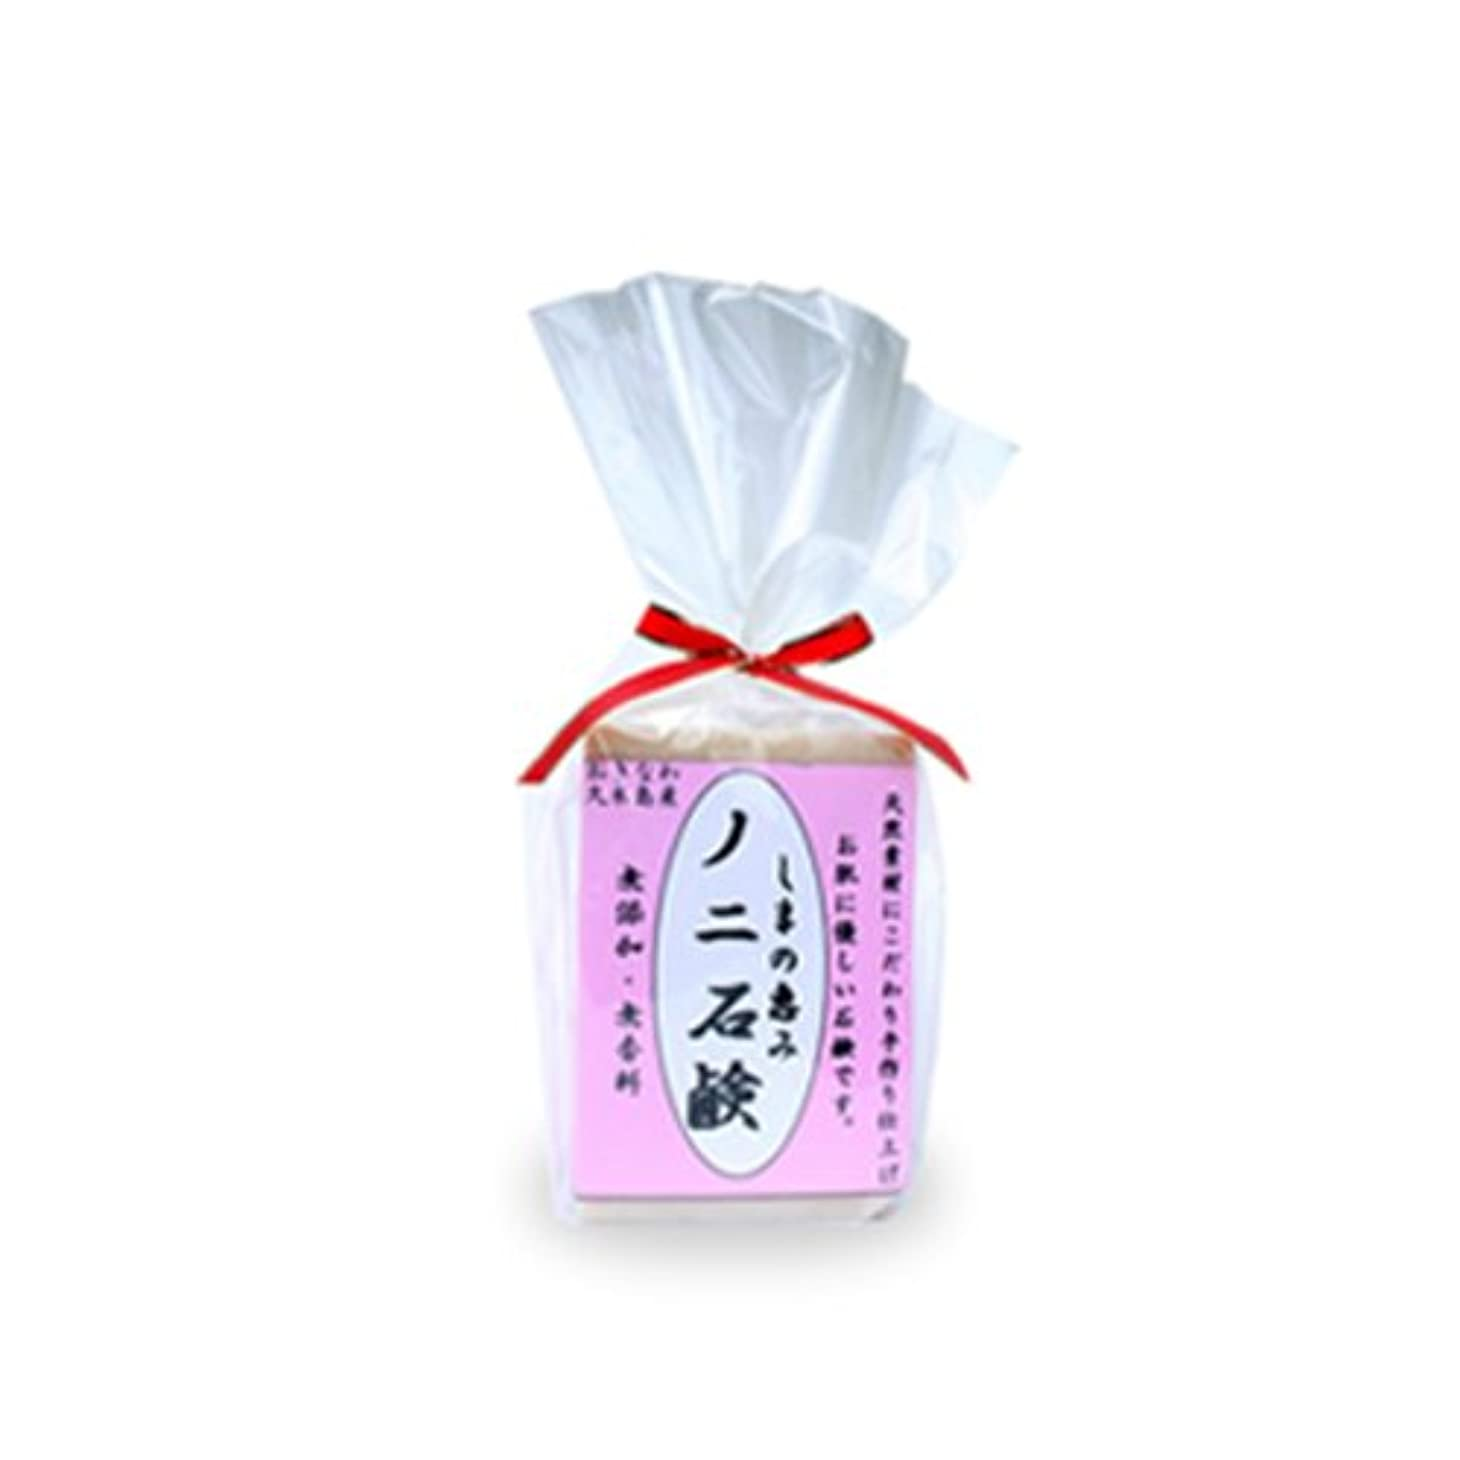 水差し中傷カセットノ二石鹸×5個 久米島物産販売 沖縄の海洋深層水ミネラルとノニを配合した無添加ソープ